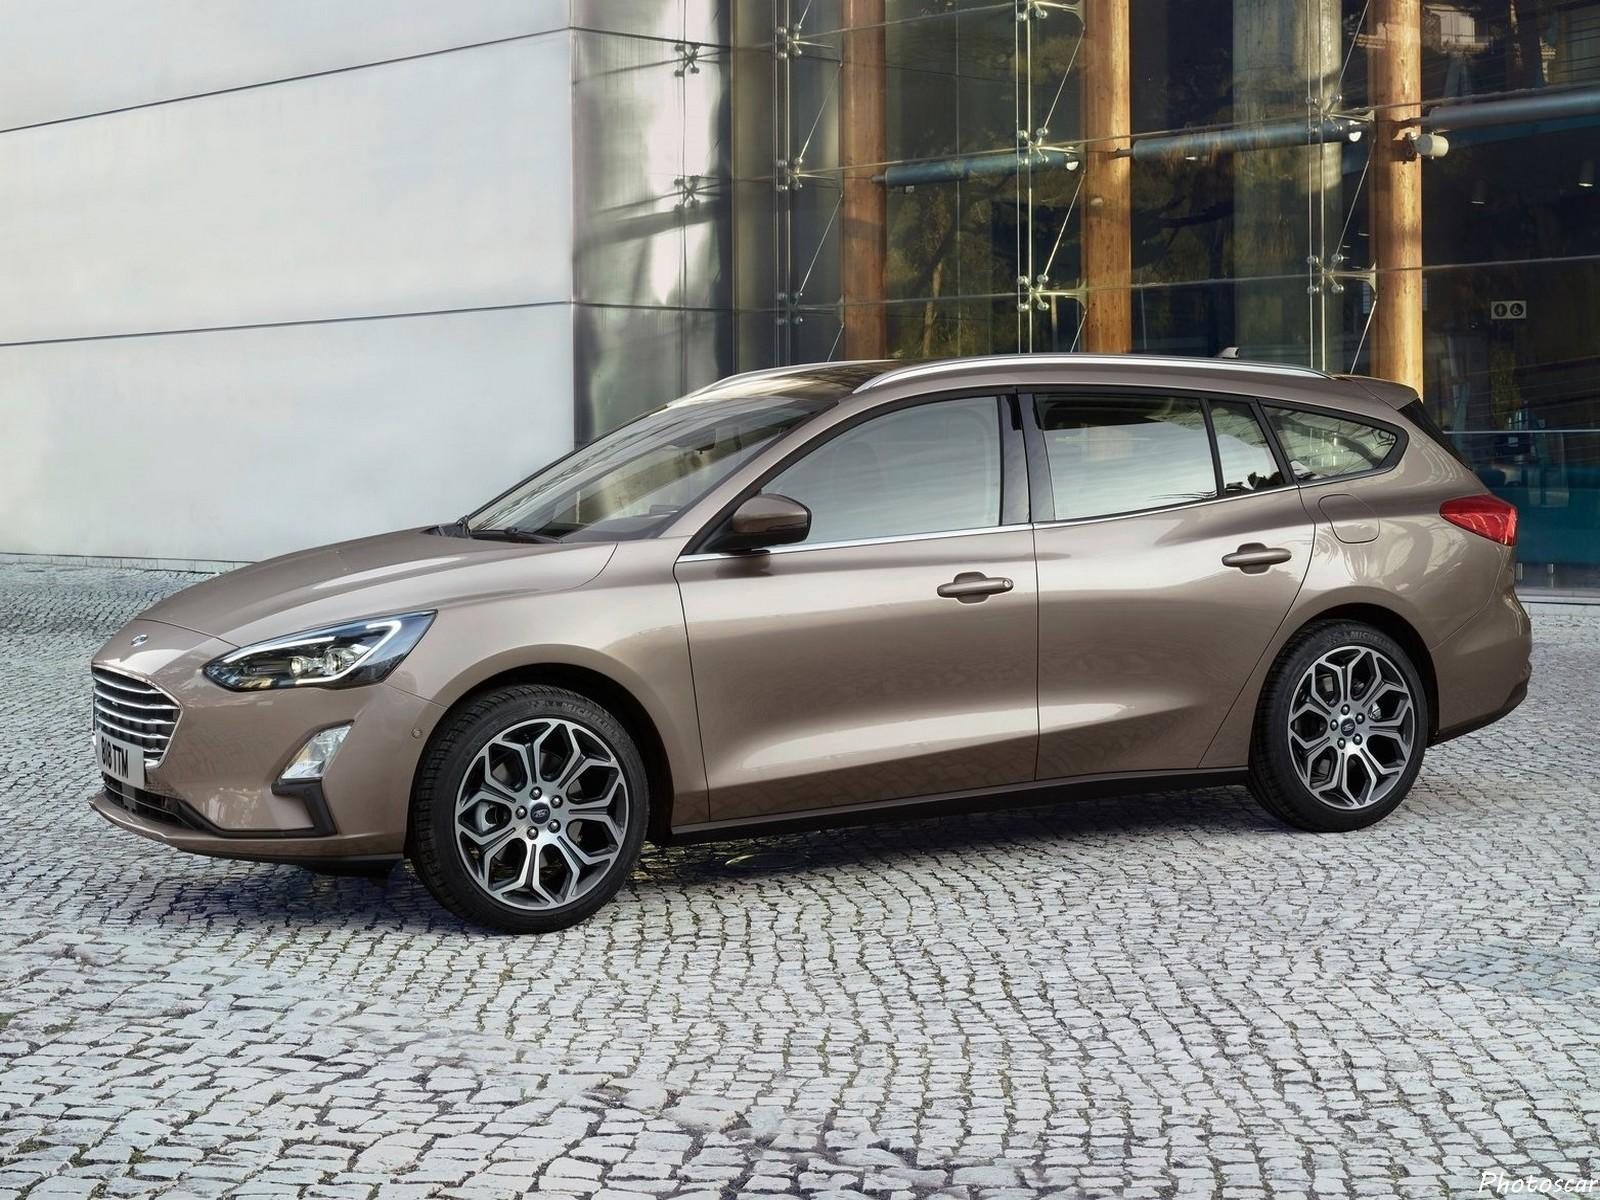 Ford Focus Wagon 2019 – Sécurité et caractéristiques technologiques